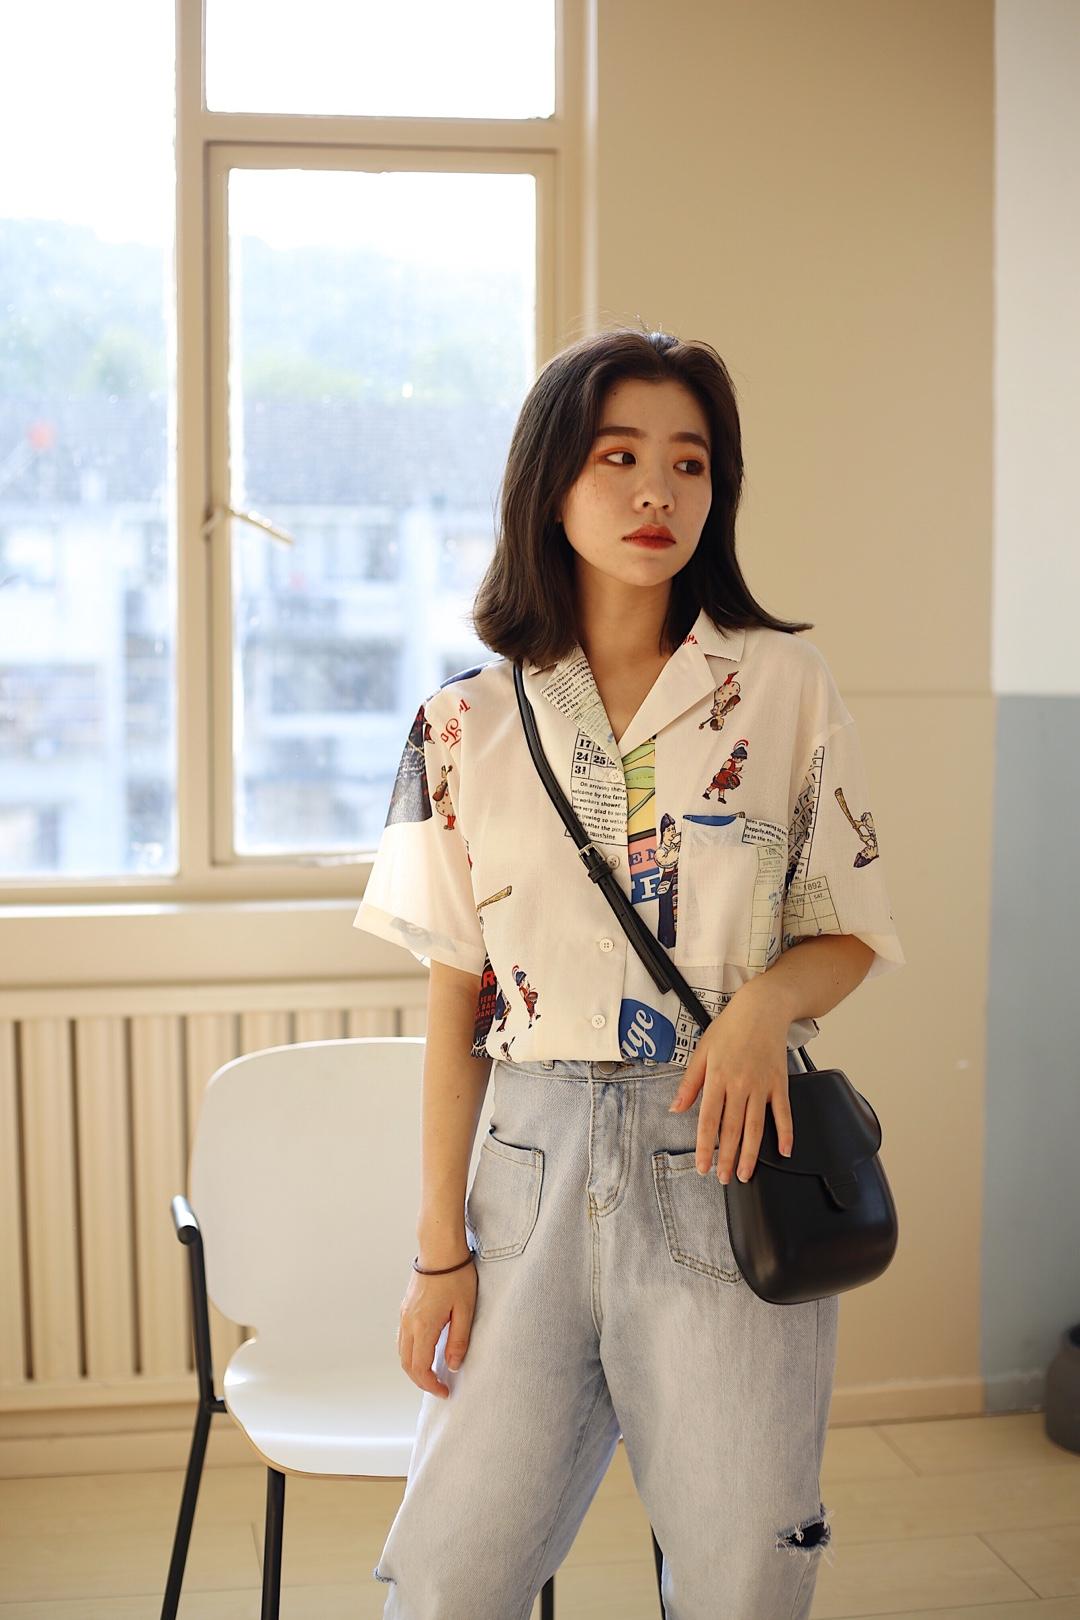 港风衬衫搭配 超级简单的一套 配色超舒服 很适合日常出行#朋友圈最受欢迎女孩穿搭#